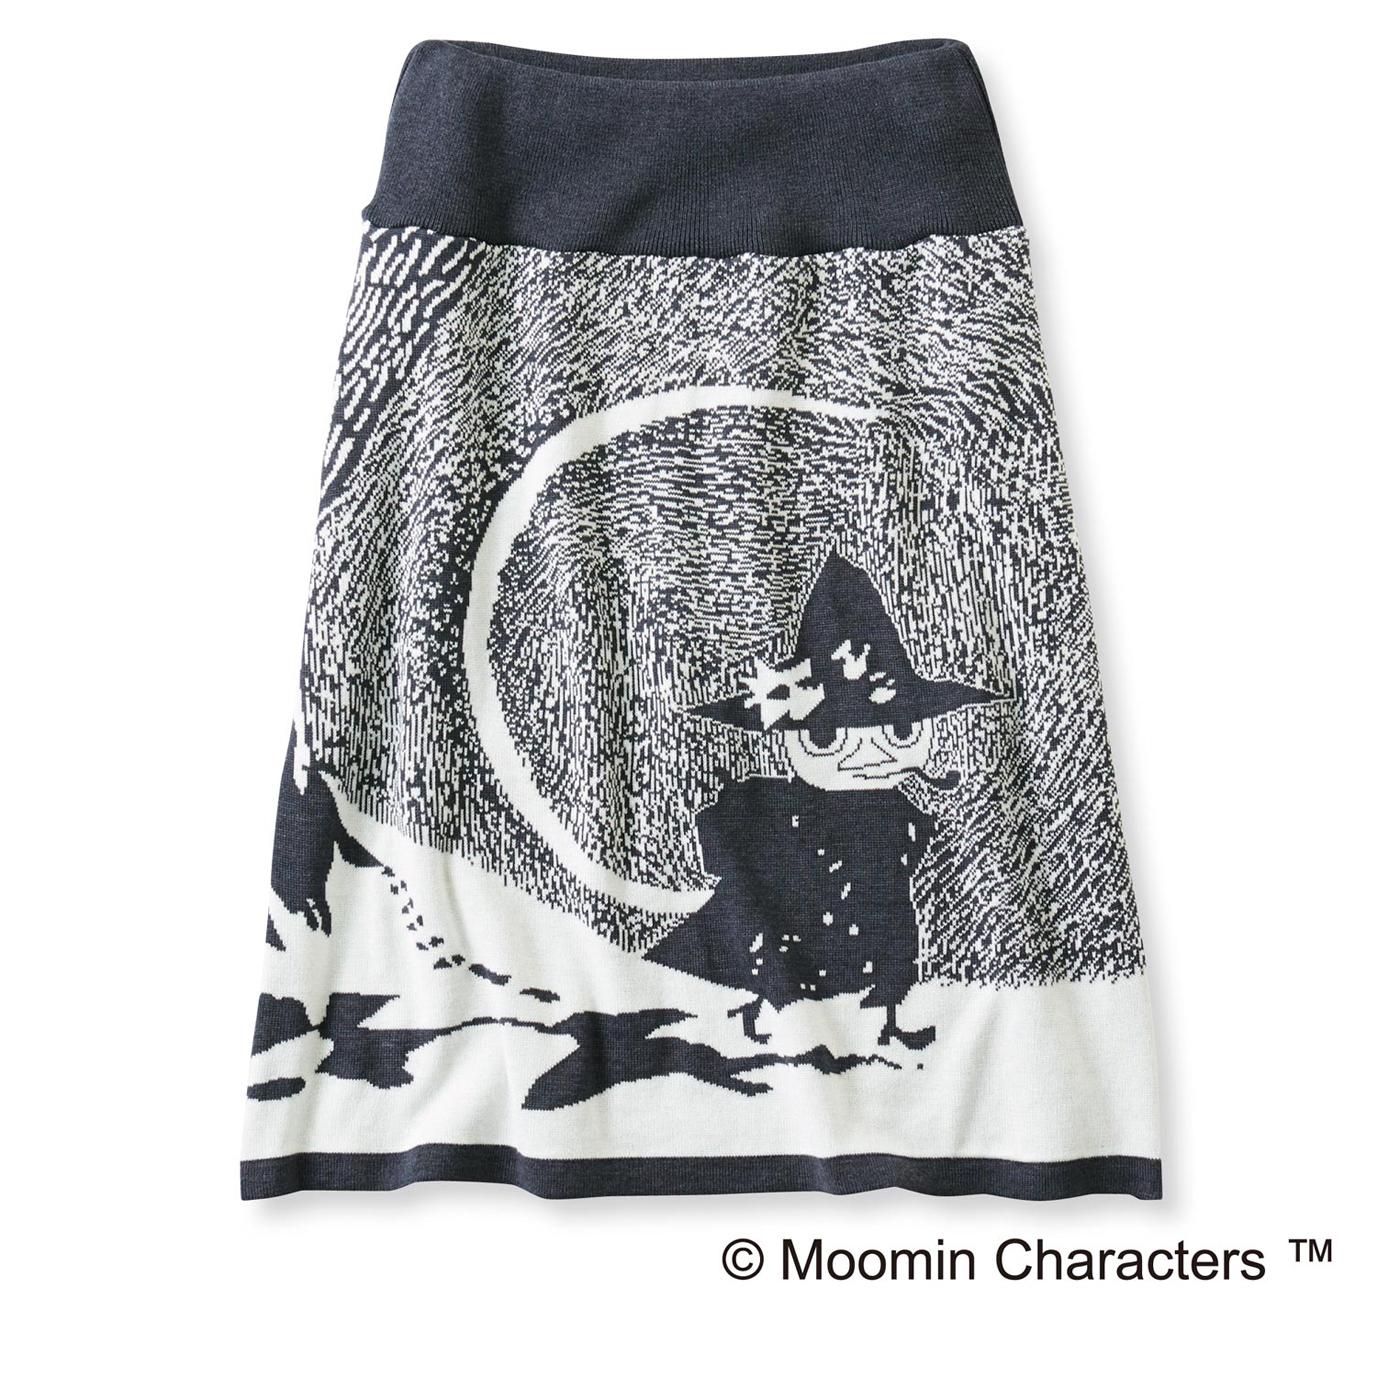 ムーミンと仲間たち 雪の日柄のインナーパンツ付き ニットスカート(スナフキン)